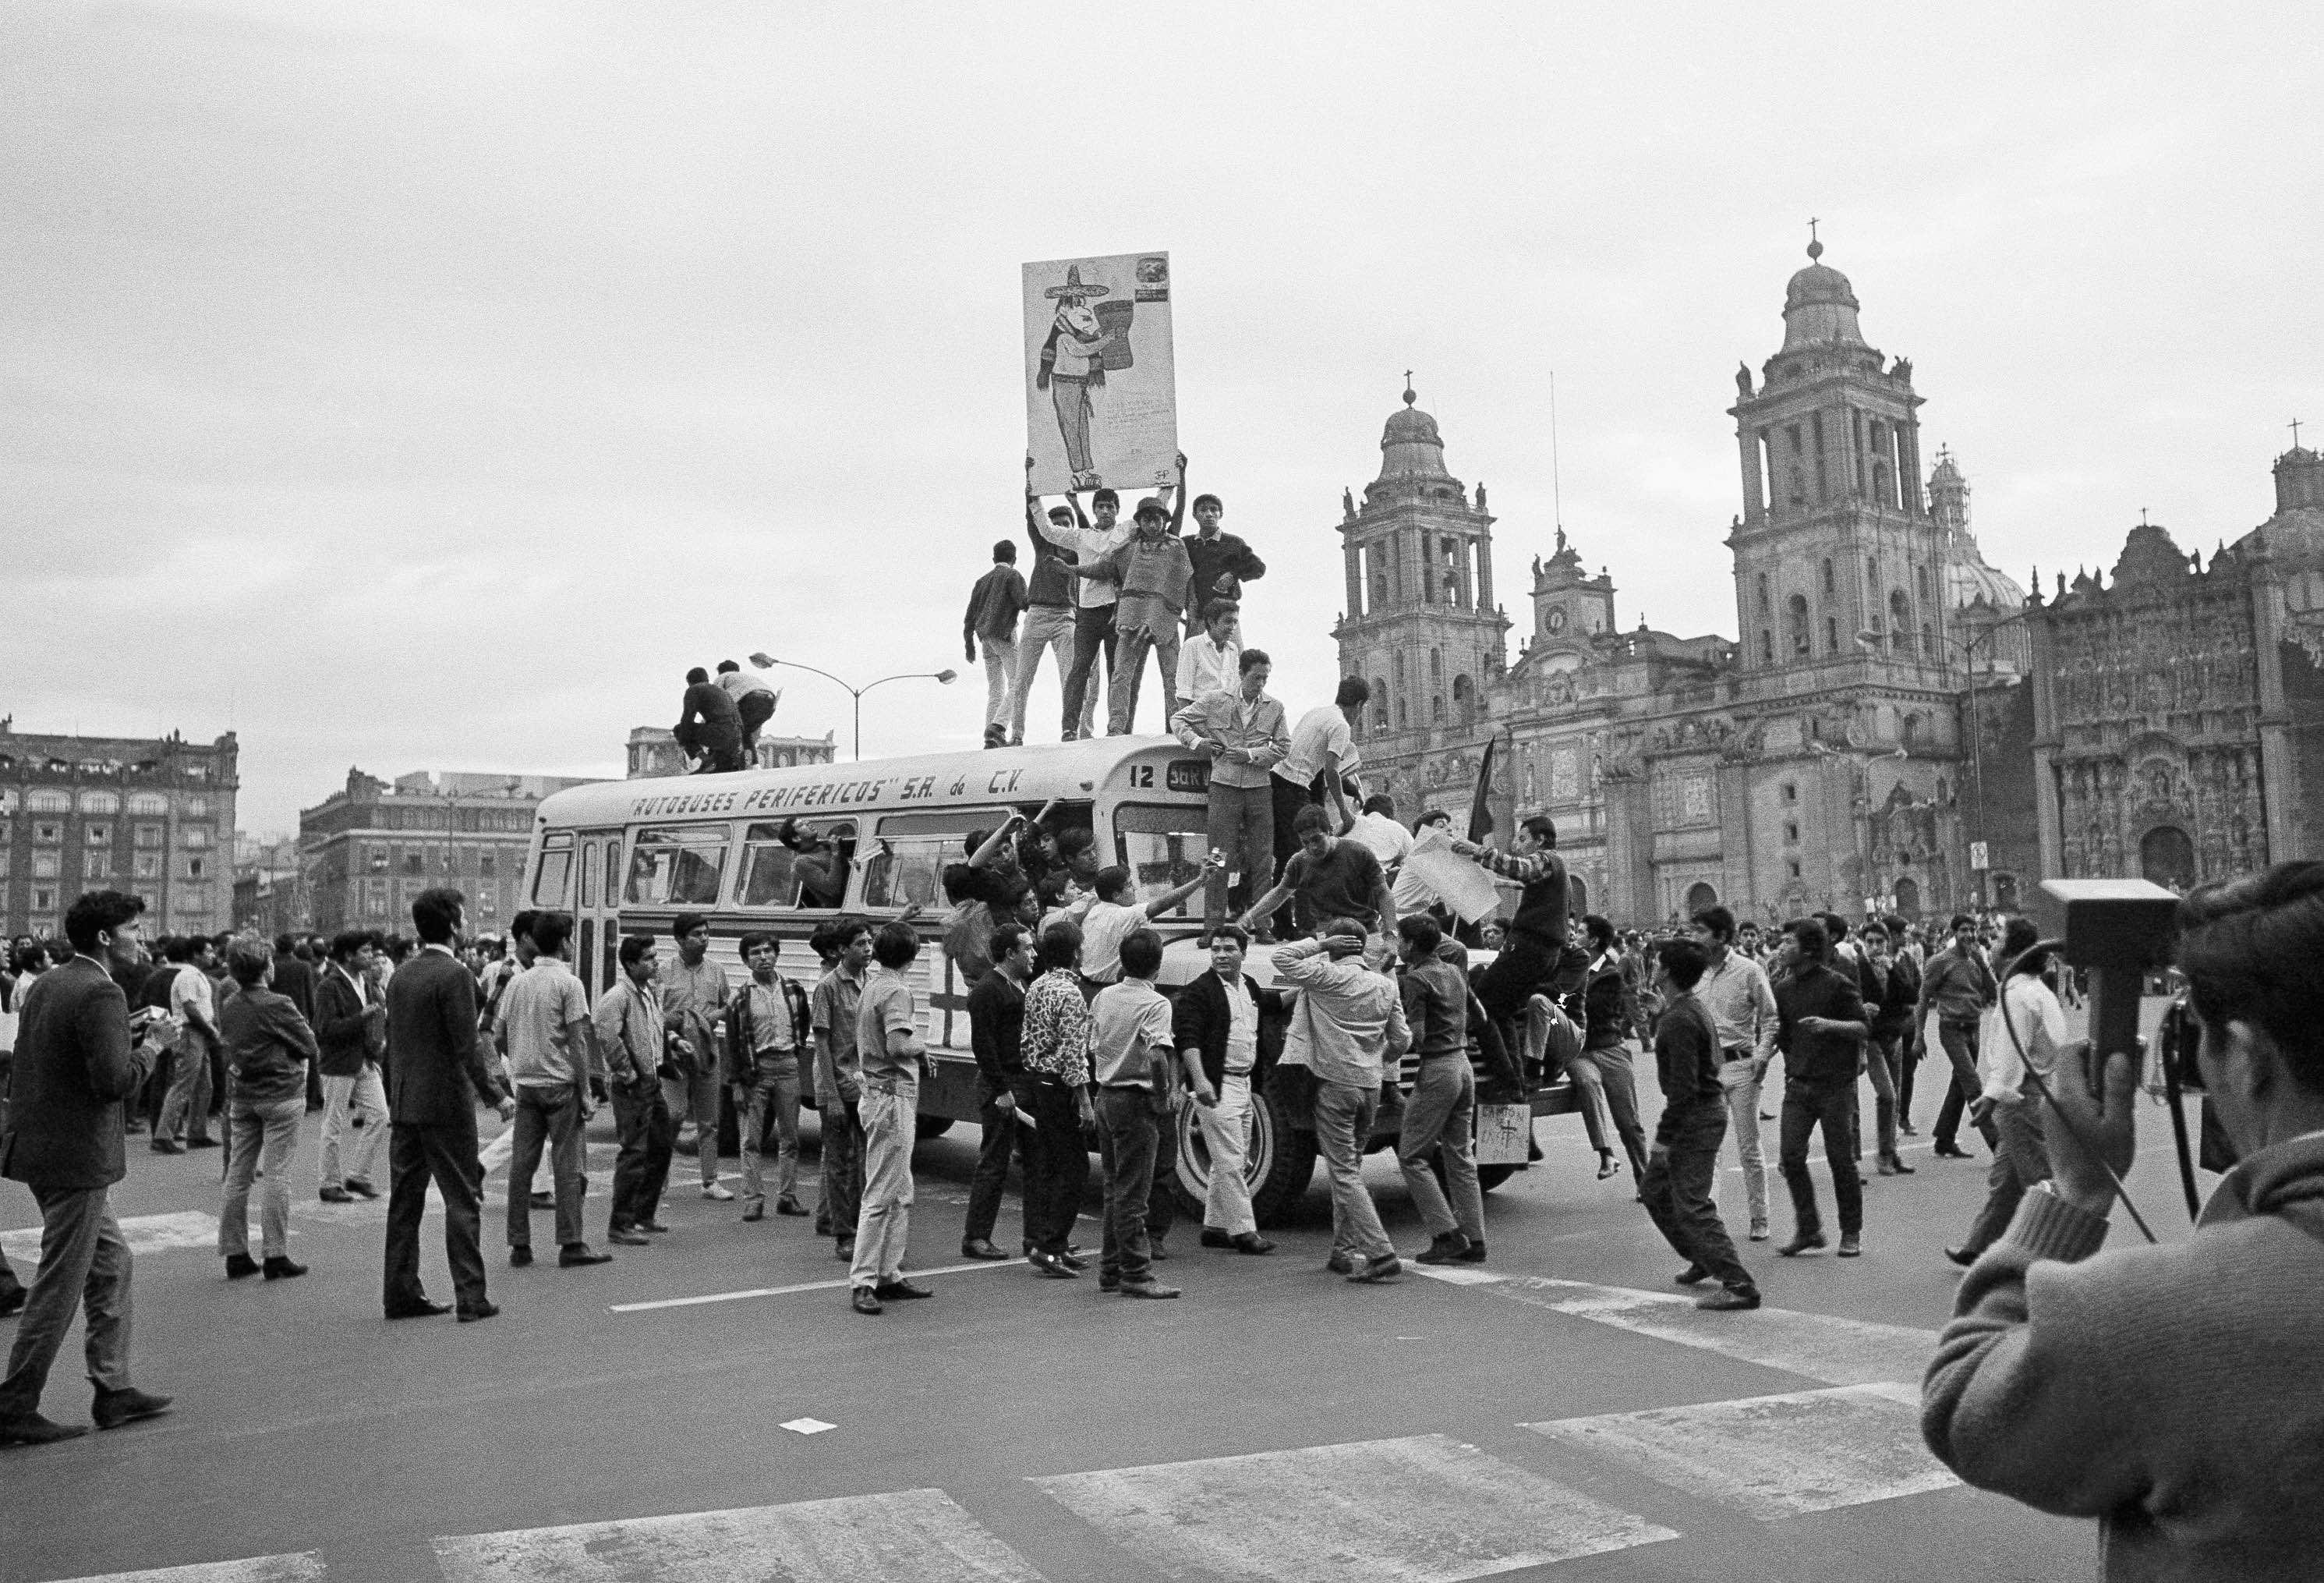 jovenes-estudiantes-protestas-zocalo-1968-mexico-68